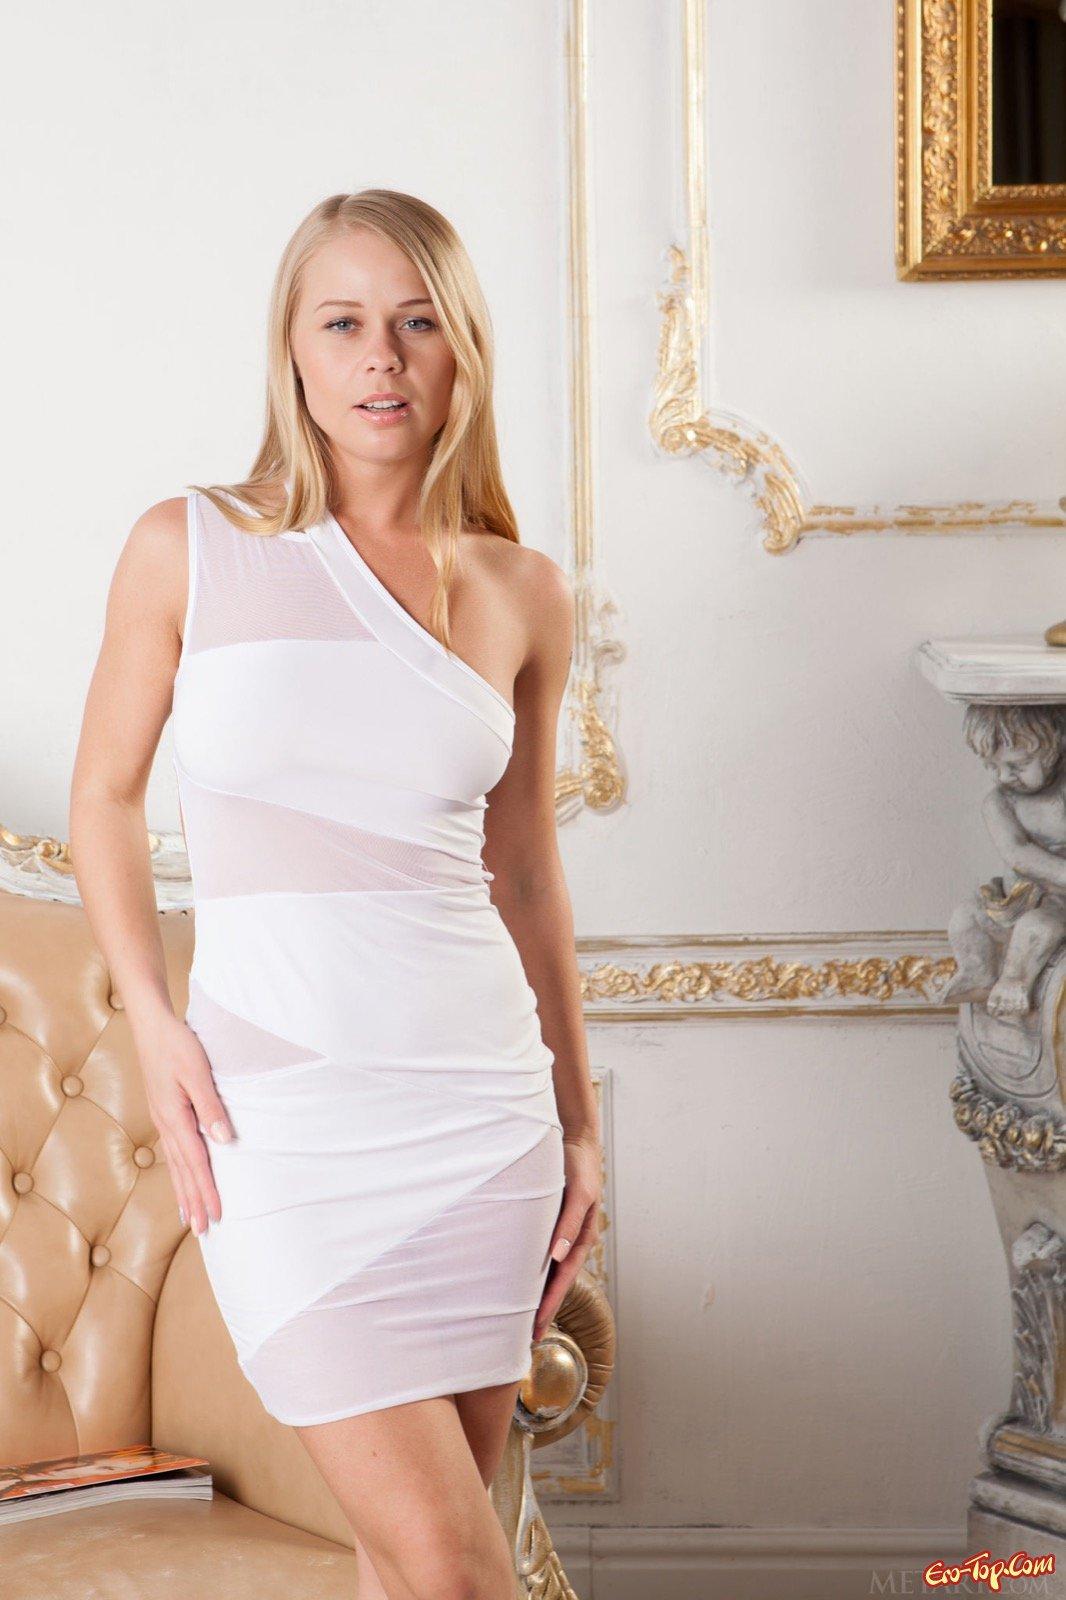 Изящная светлая модель с сексапильными формами стащила платье